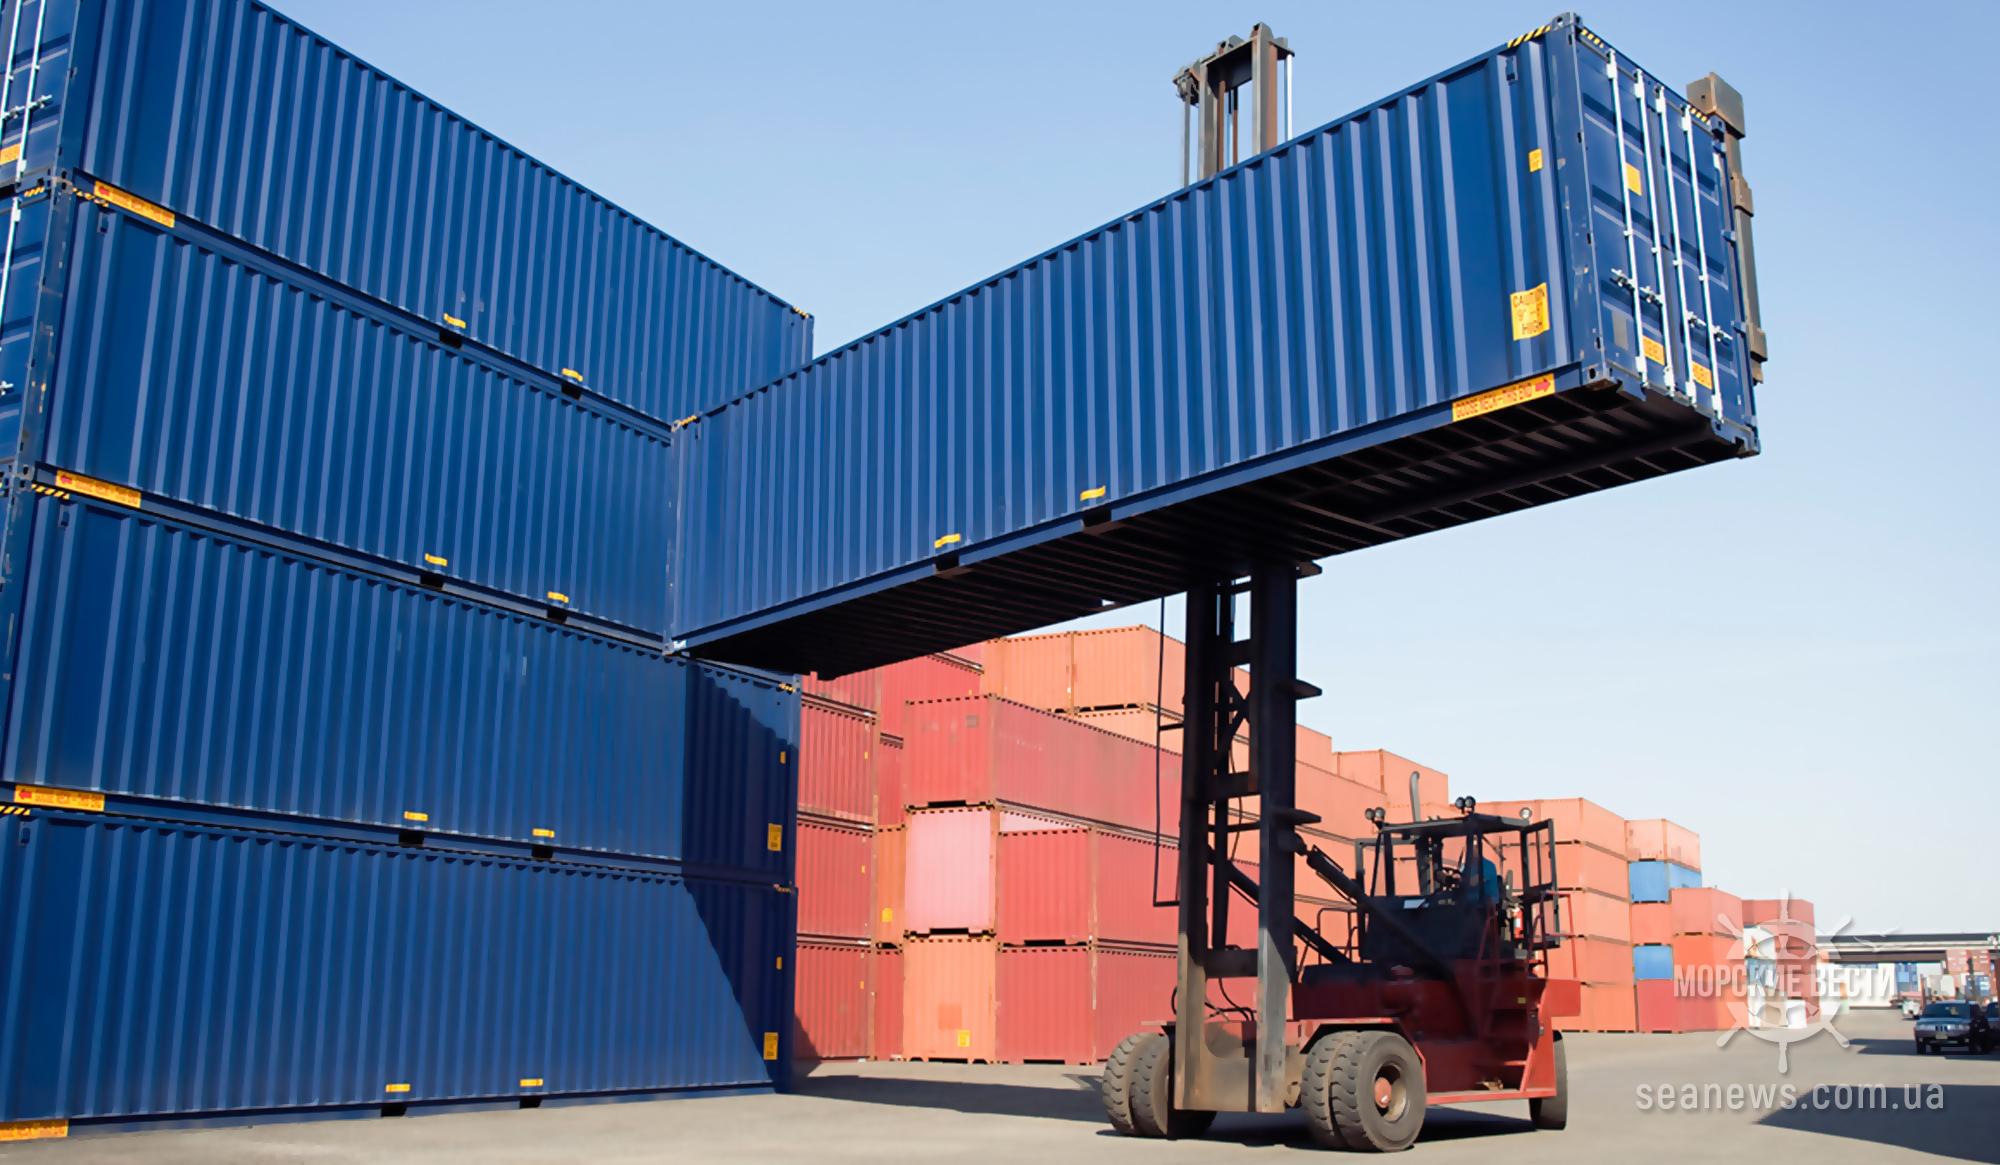 Мариупольский порт возвращается к контейнерным перевозкам